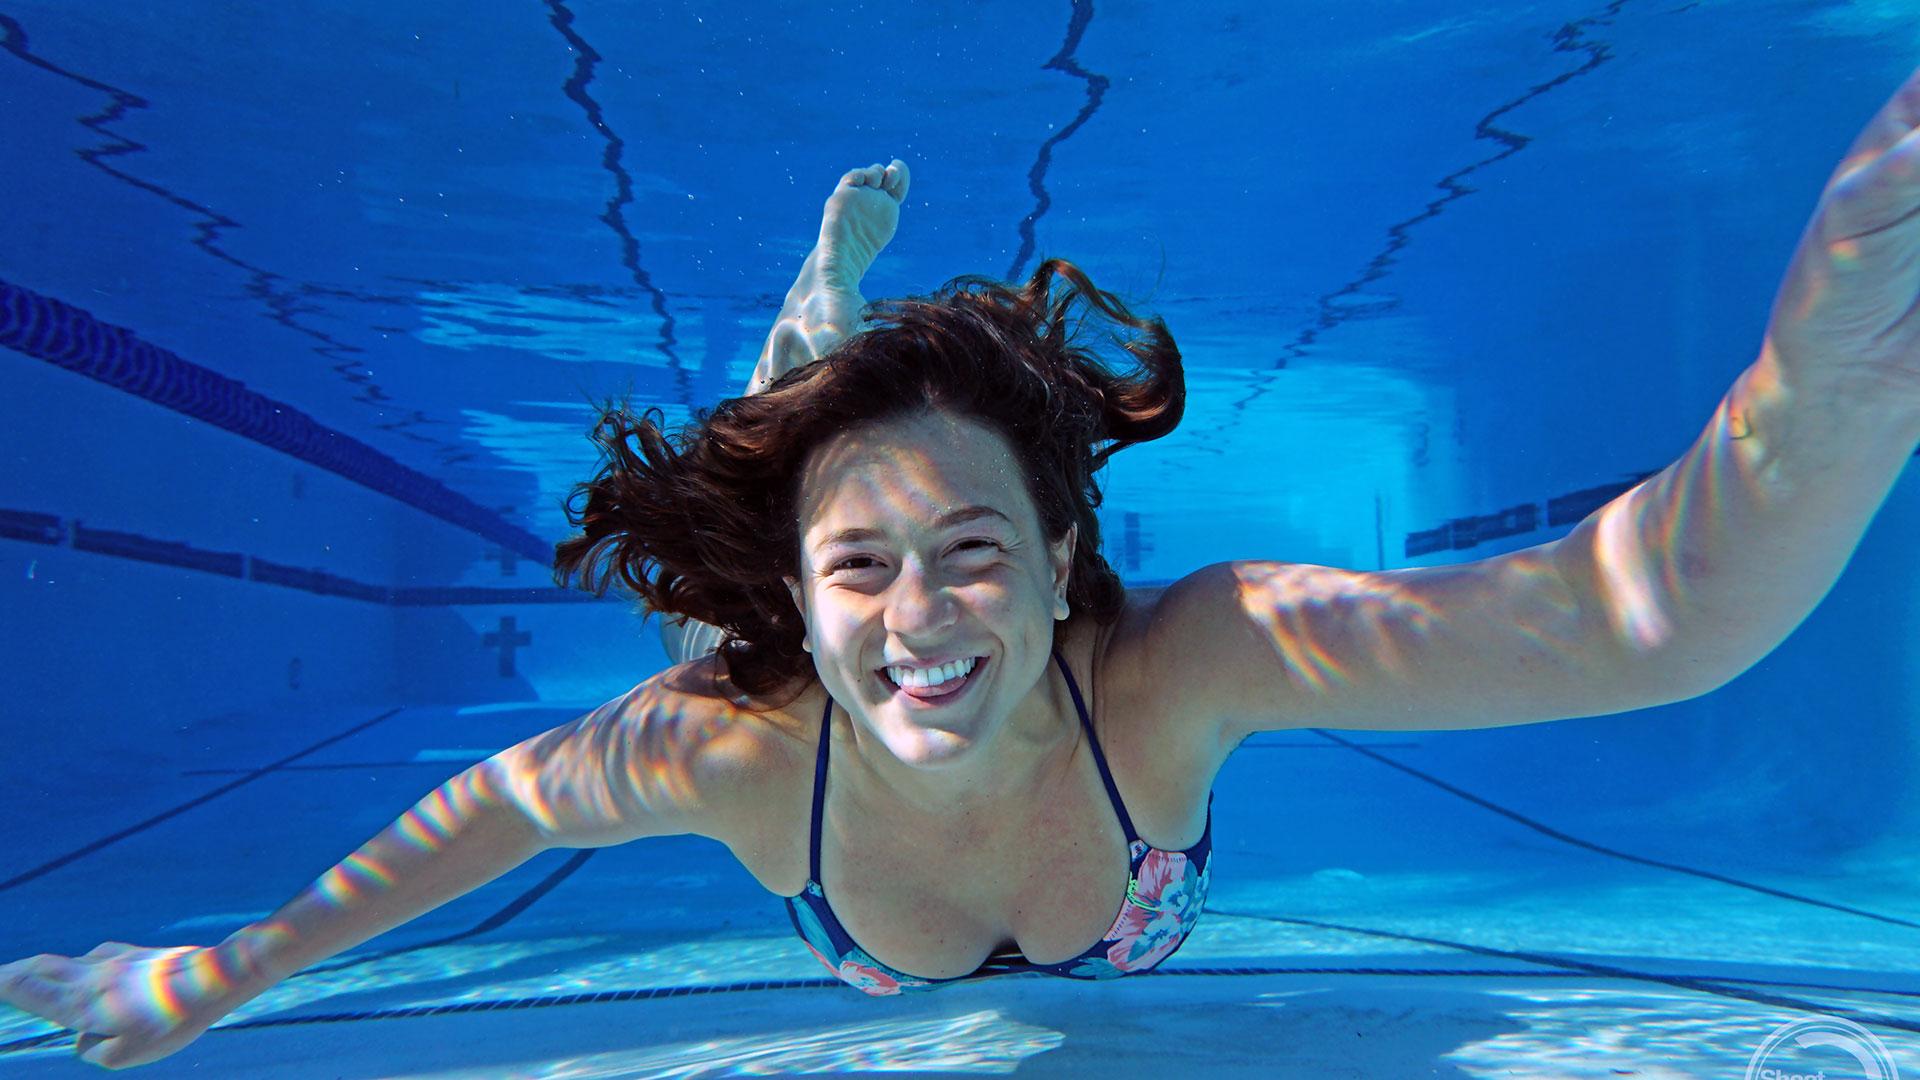 Tappi su misura antiacqua piscina nuoto